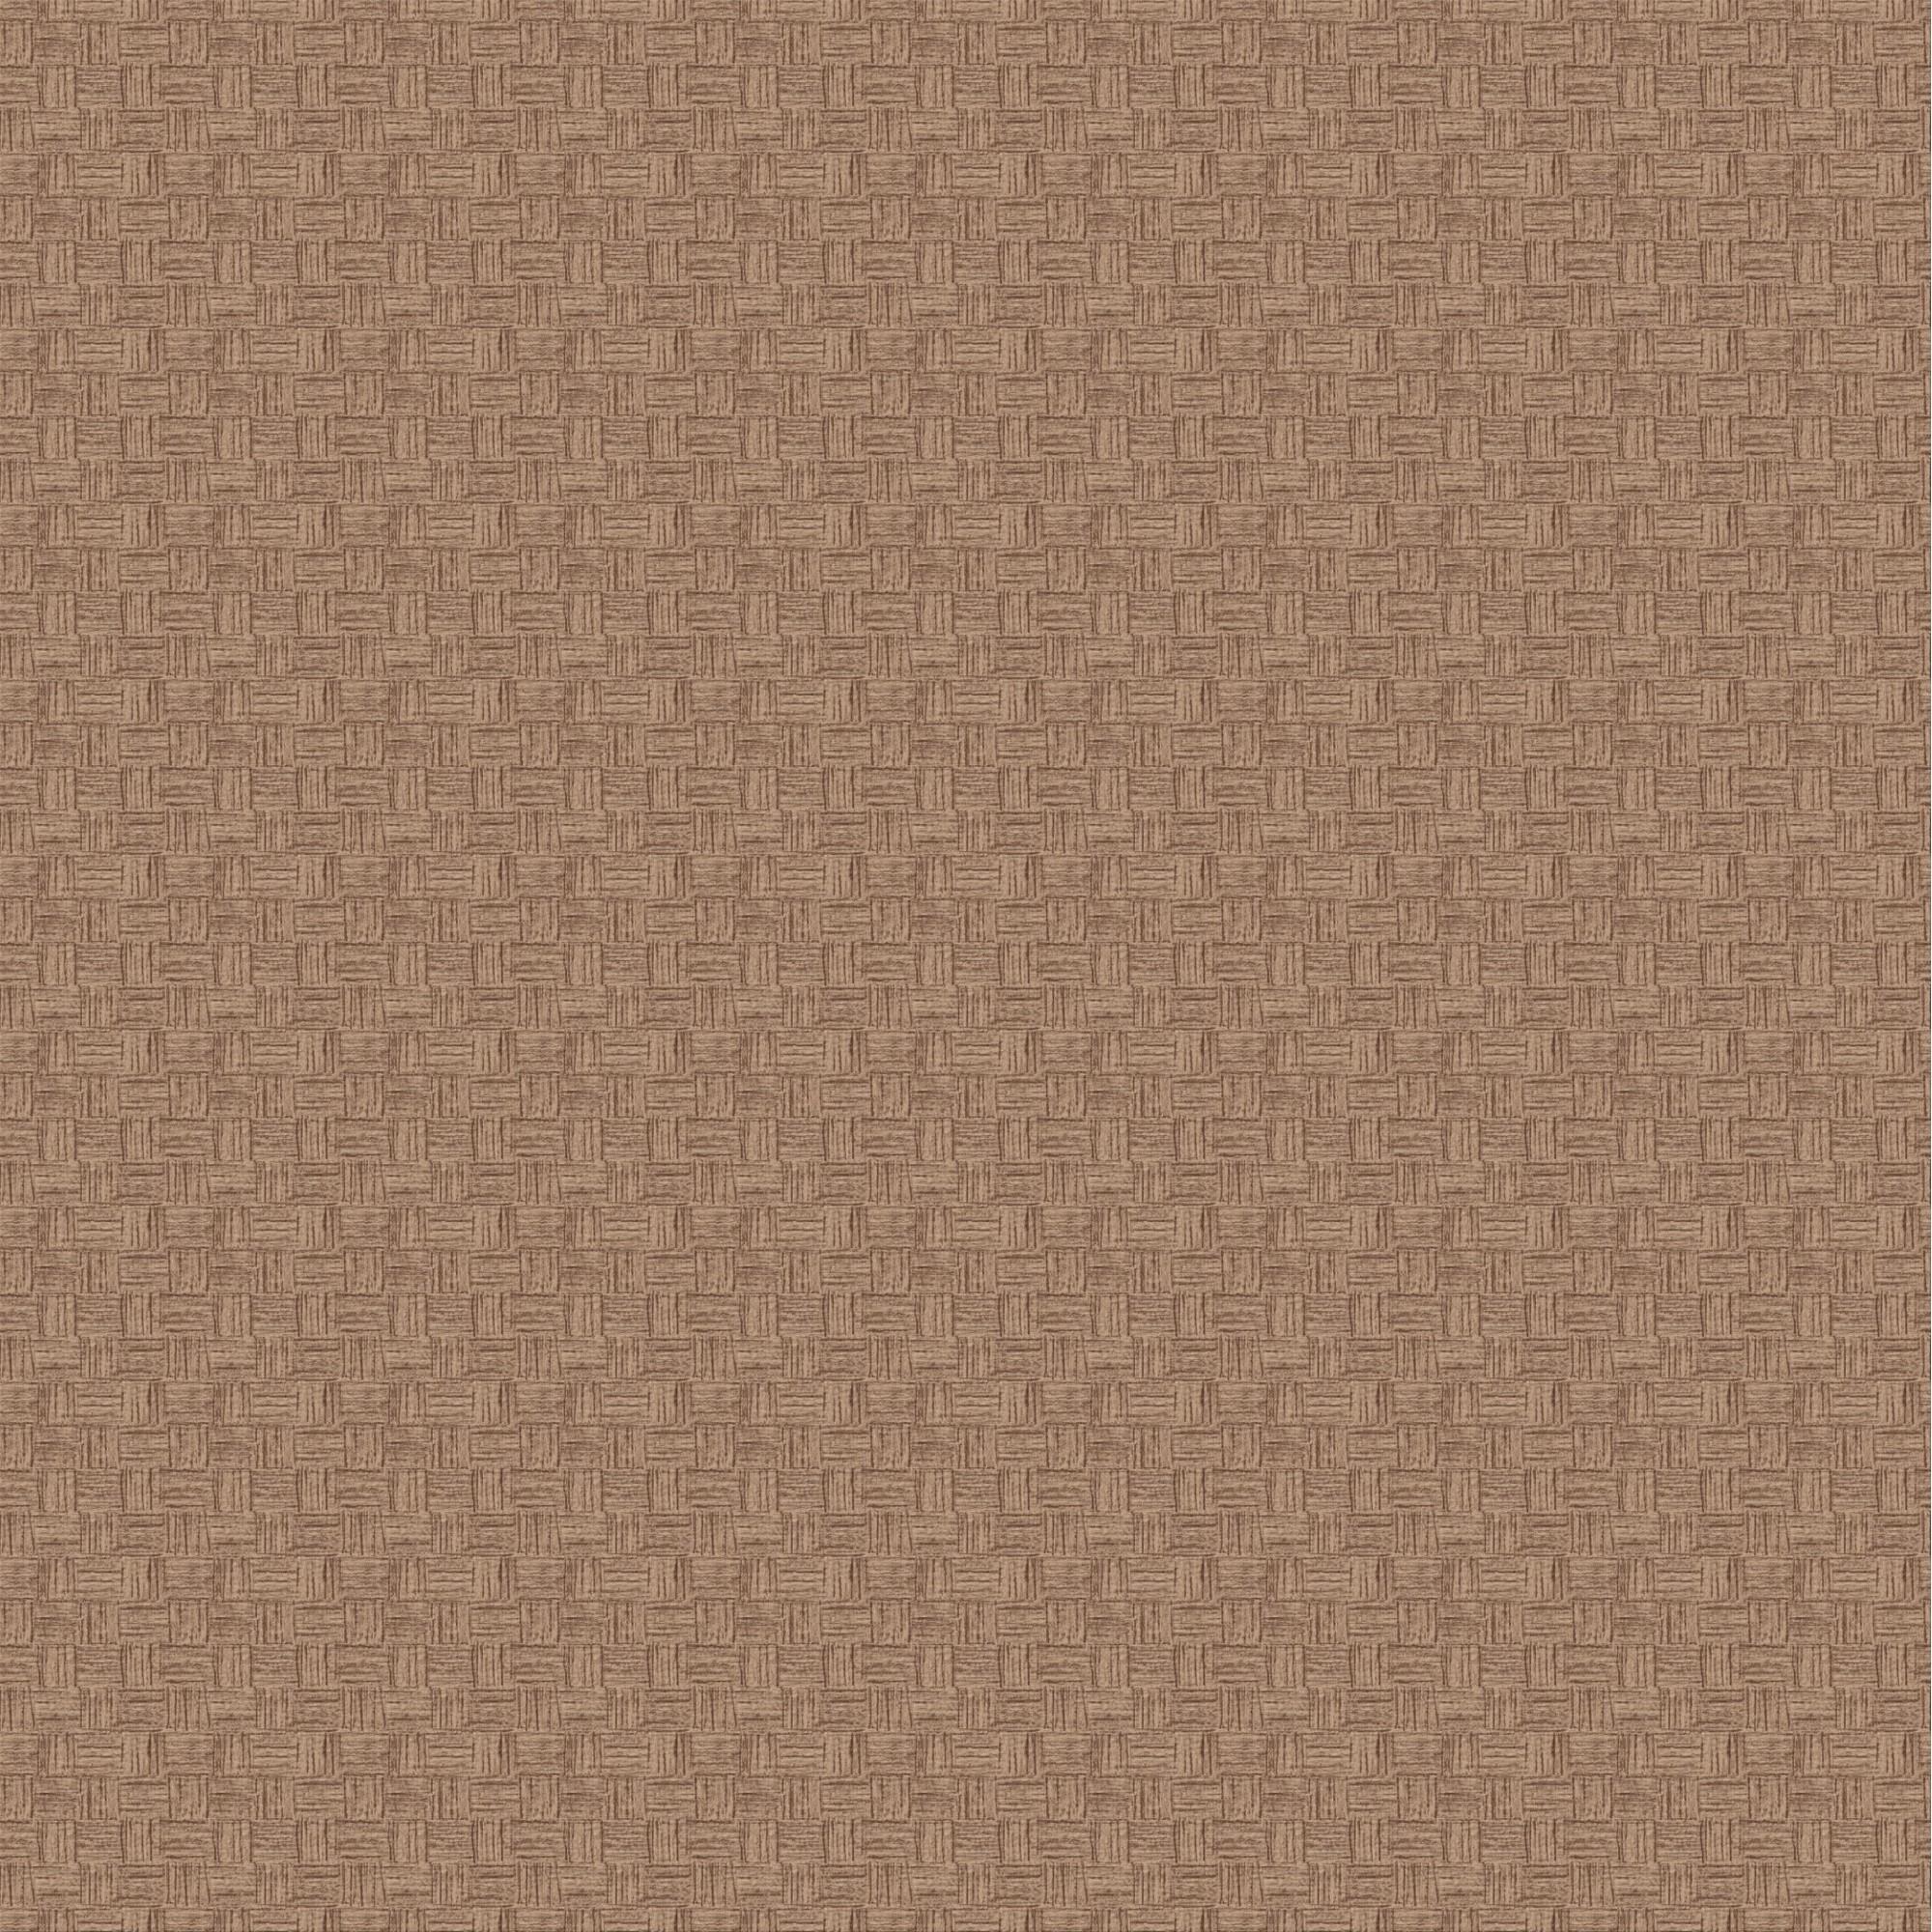 Papel de Parede 53cm x 10m PVC Texturizado Tiffany 3011 - Jolie